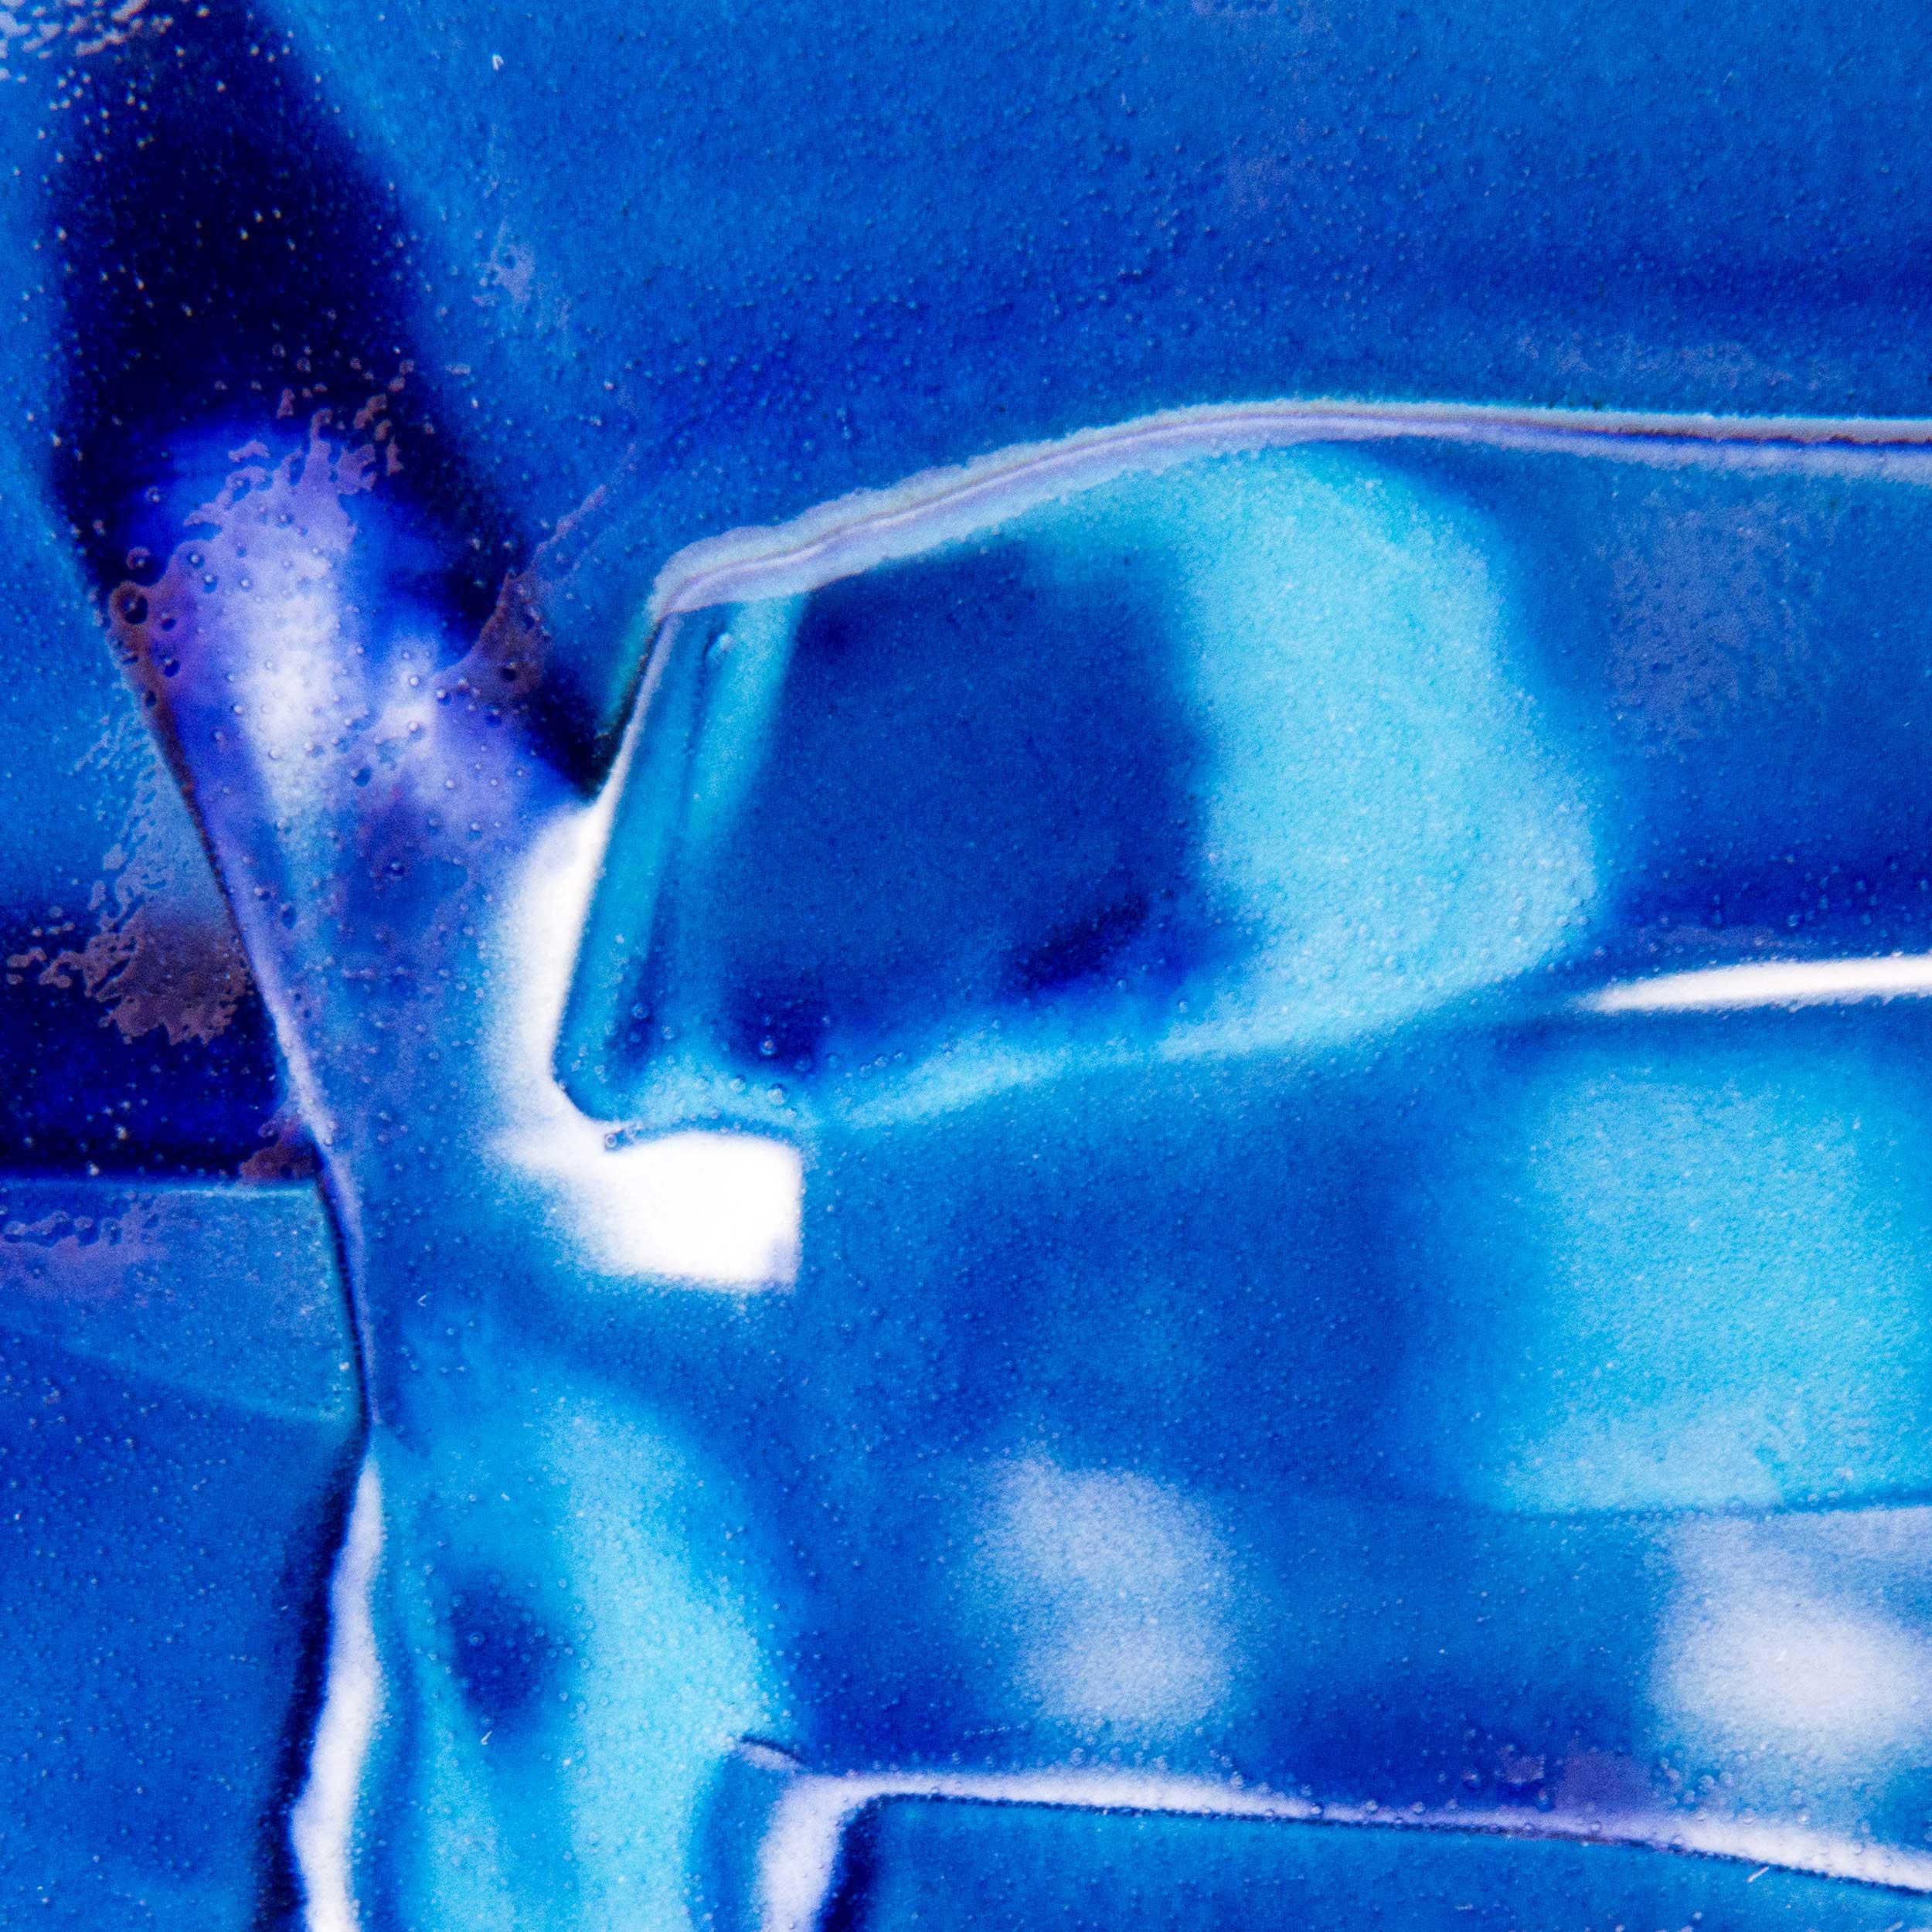 Deep Water Ceramic Glaze Effect by Rowena Gilbert